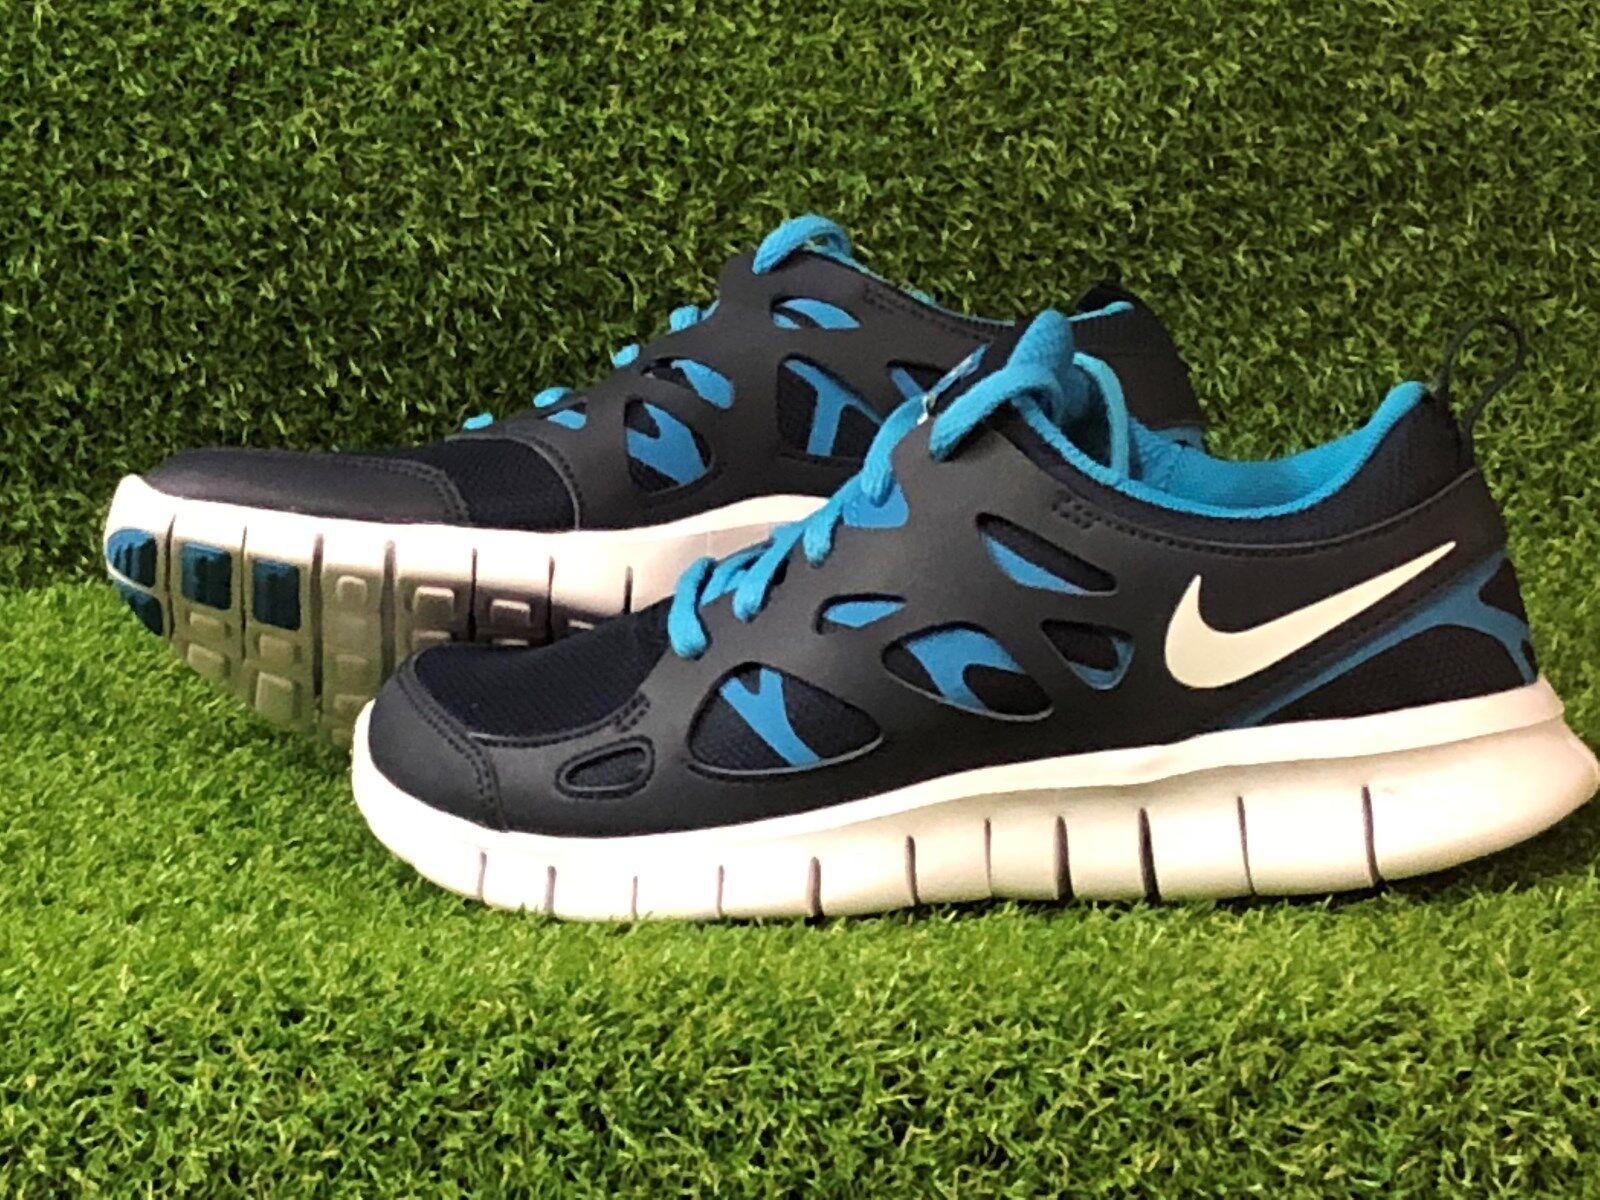 NIKE NIKE NIKE Free 2 Run Gs scarpe da ginnastica scarpe [443742 406] MIS. 37,5 - 38 NUOVO | lusso  | Il materiale di altissima qualità  e3a949